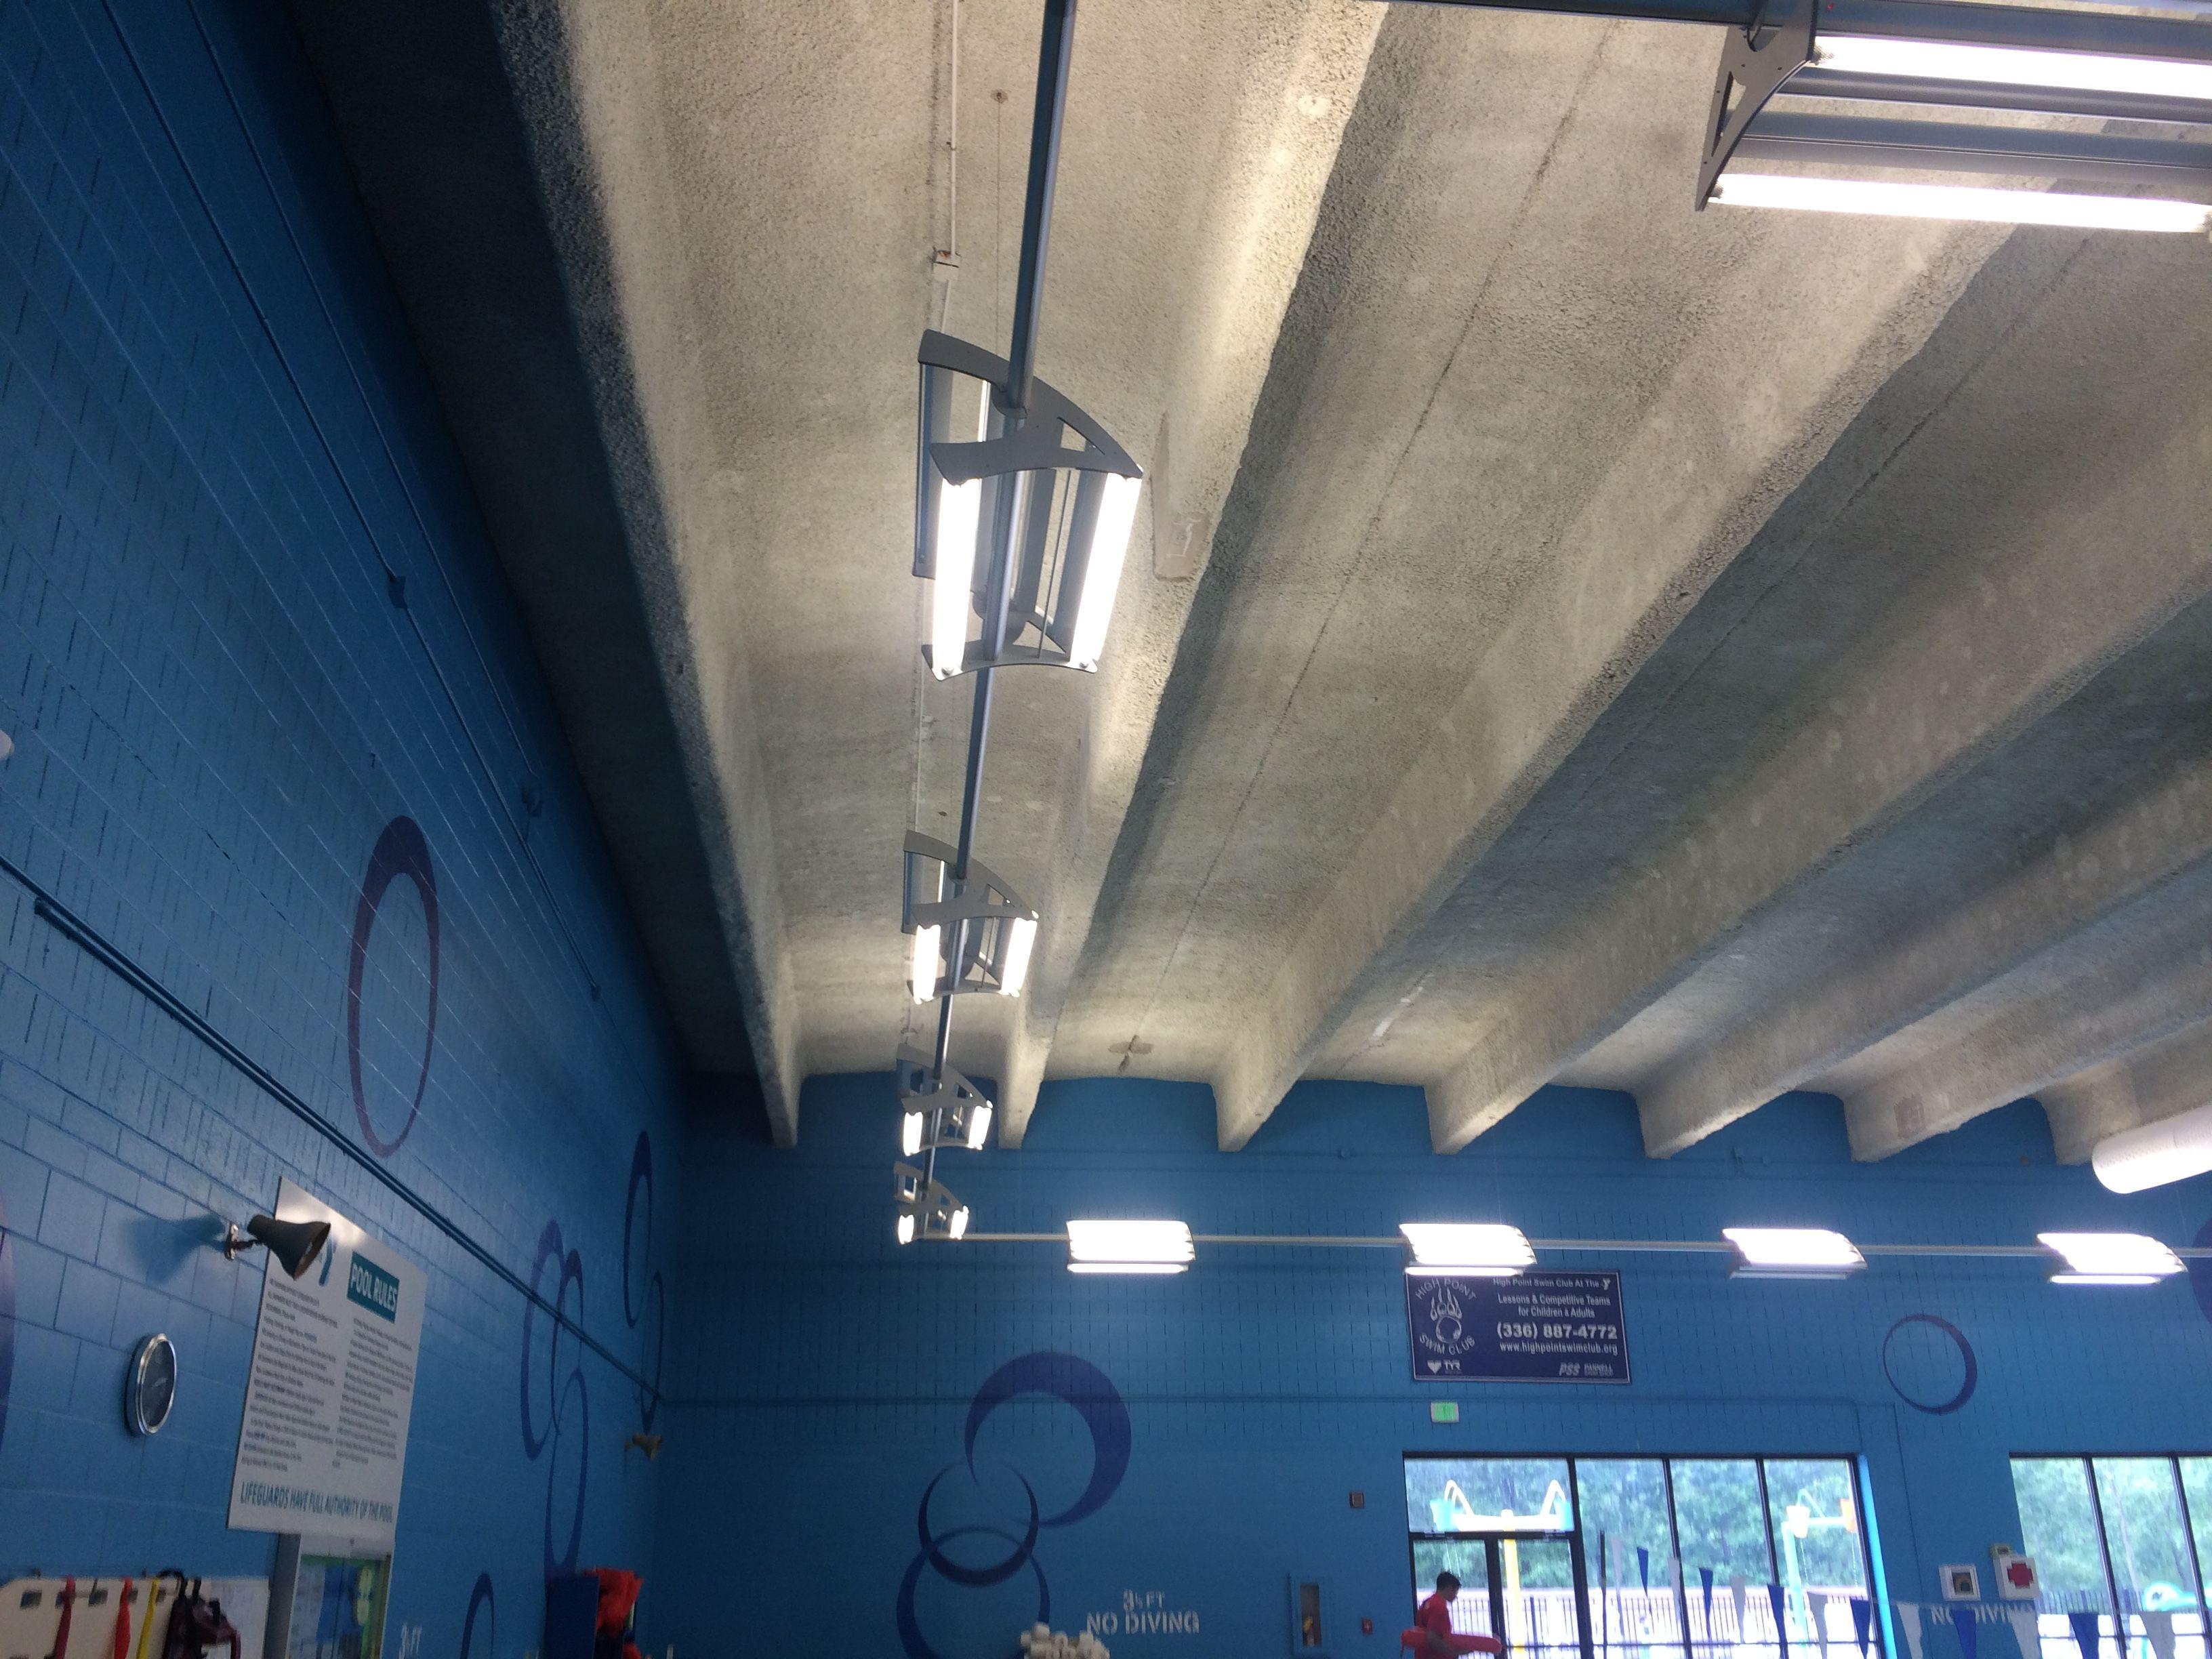 Fluorescent Lightruss Natatorium Fixture By Spi Lighting